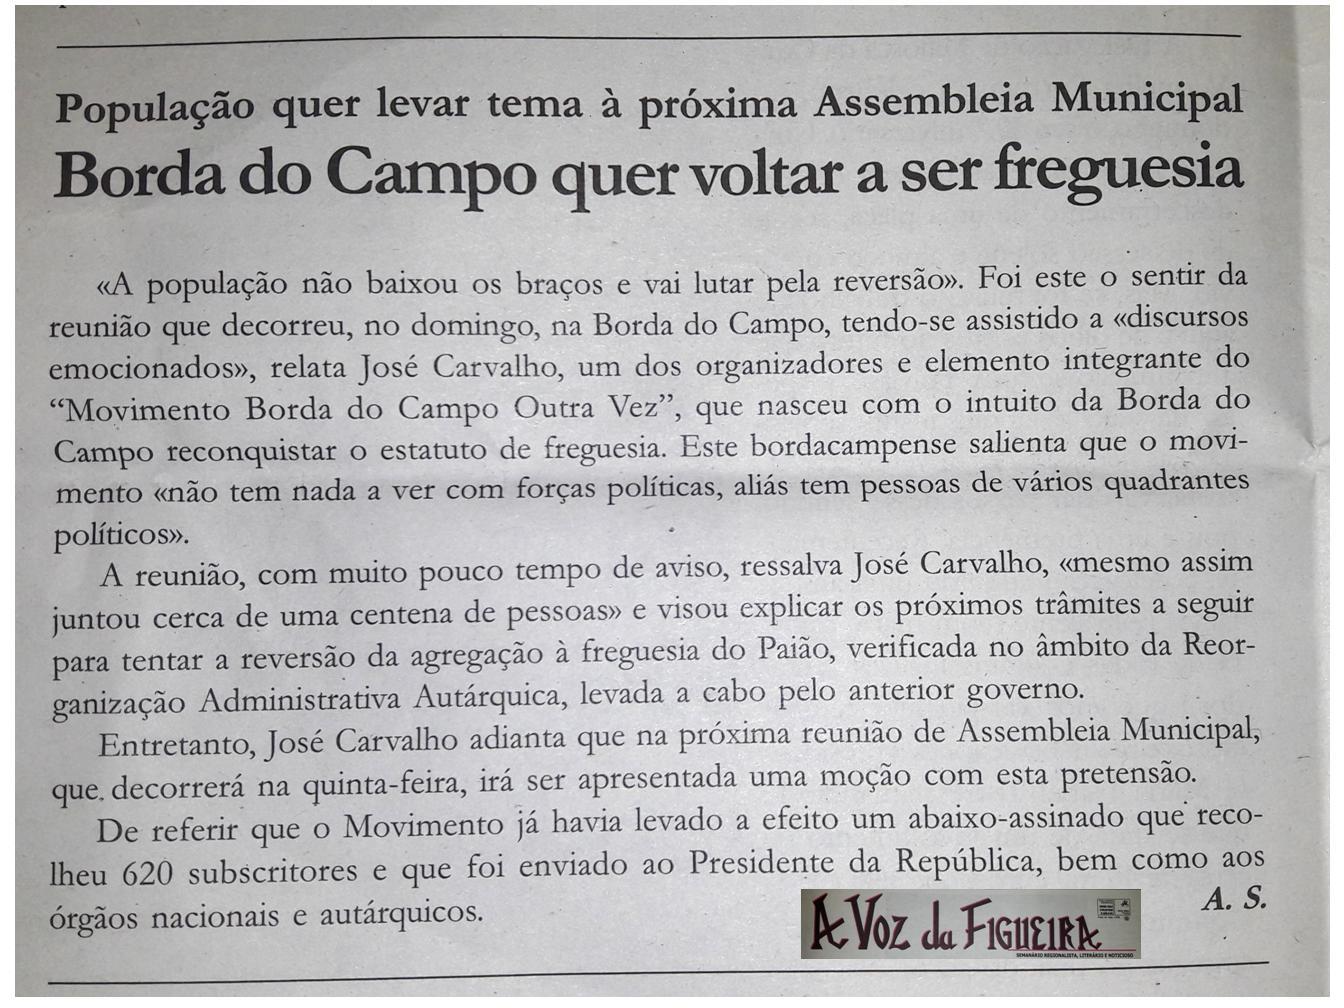 movimento_borda_do_campo_outra_vez_voz_da_figueira_20161214